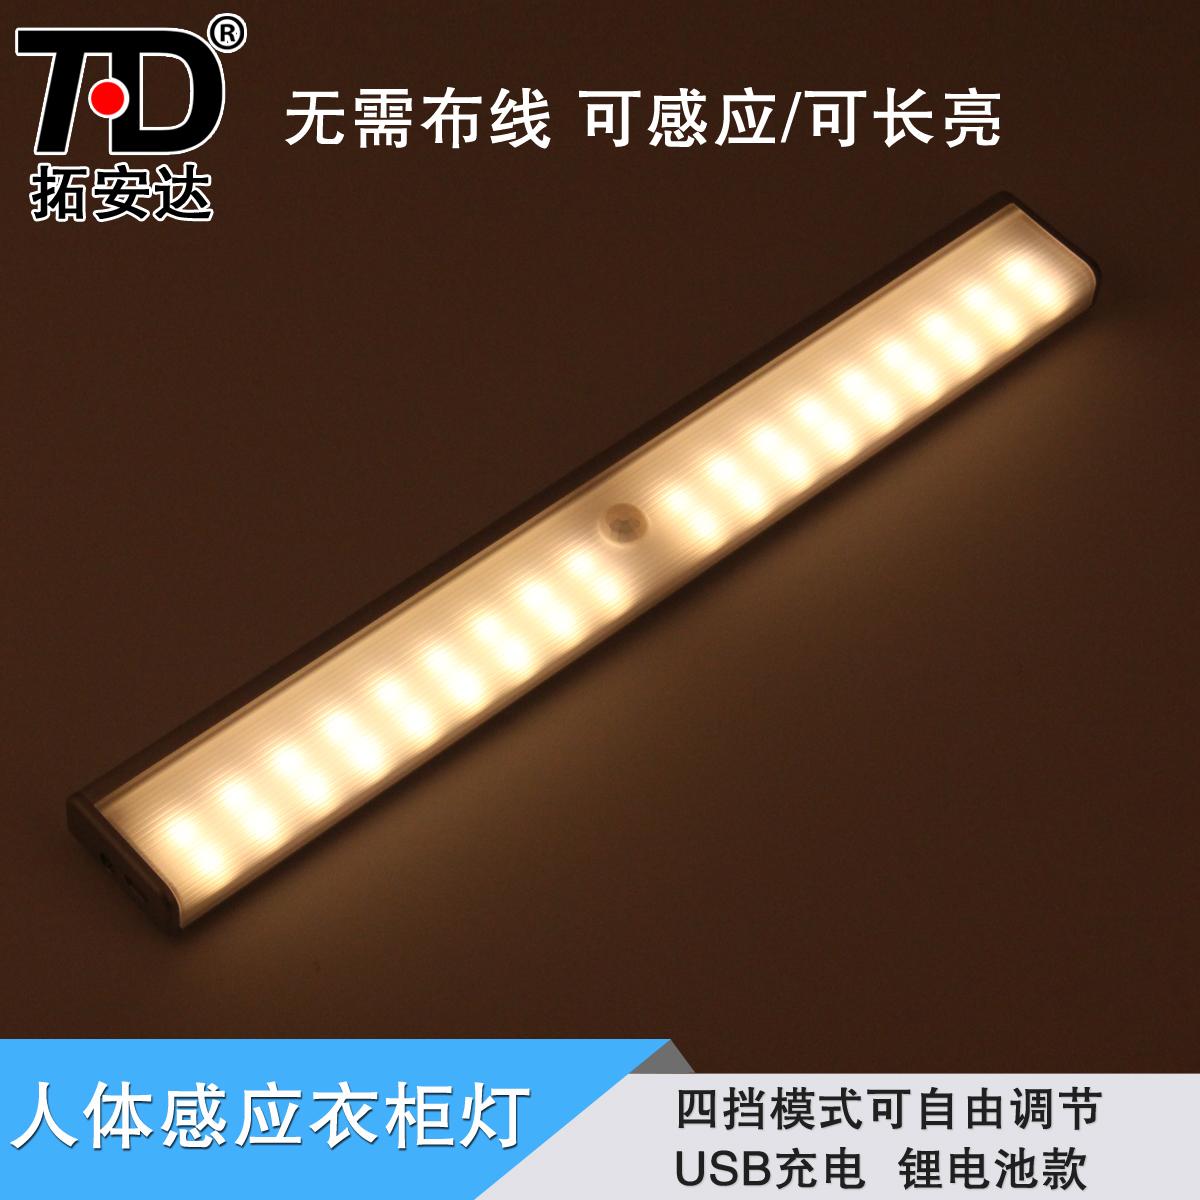 LED充电衣柜橱柜感应灯 光控人体感应小夜灯 走廊玄关楼道起夜灯